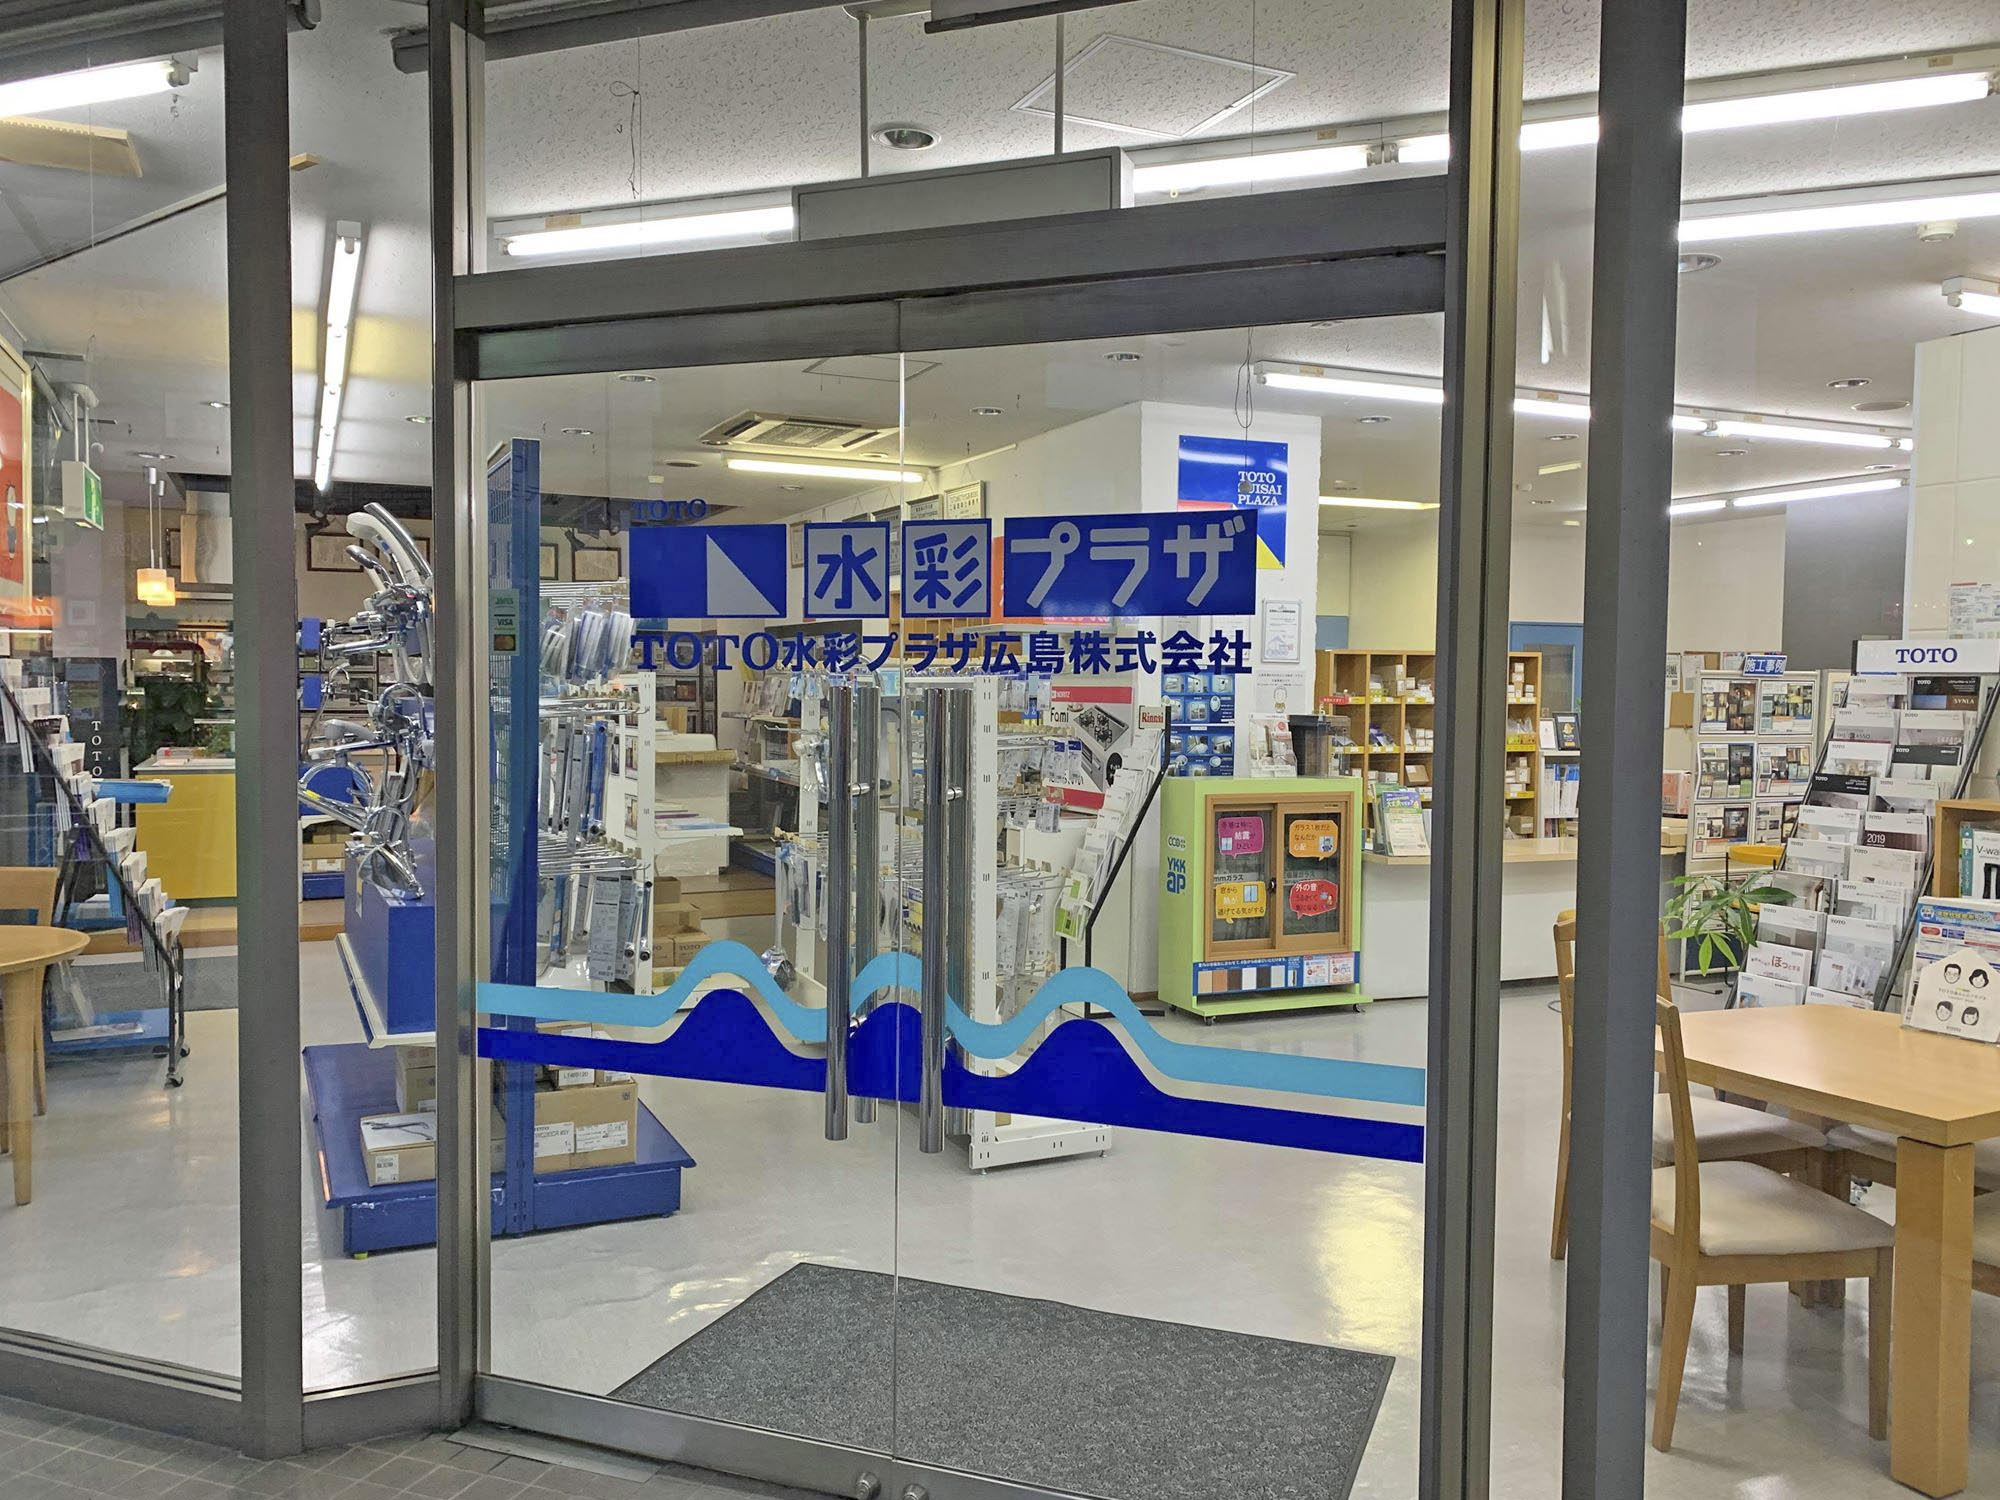 TOTO水彩プラザ広島株式会社